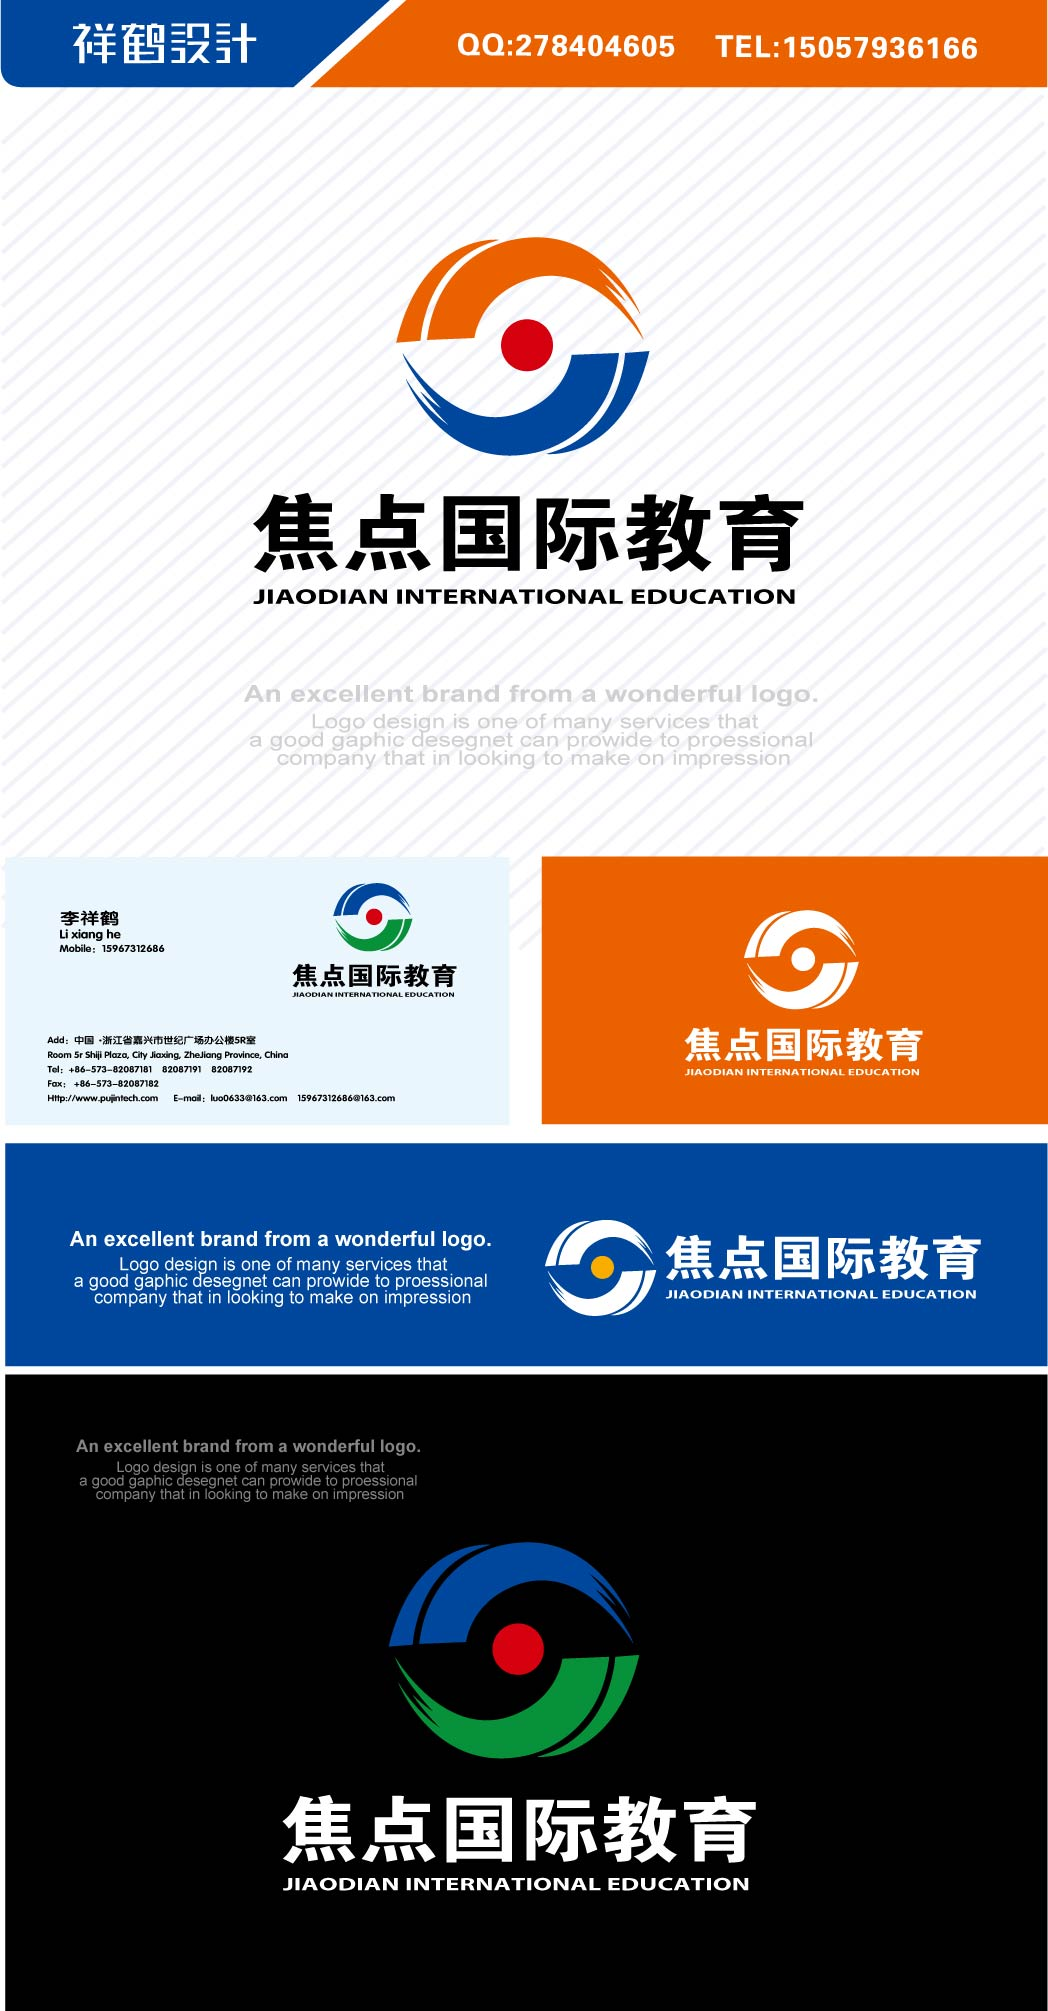 浙江祥鹤品牌设计--标志logo,vi设计,制版(菲林),包装,宣传册,彩页